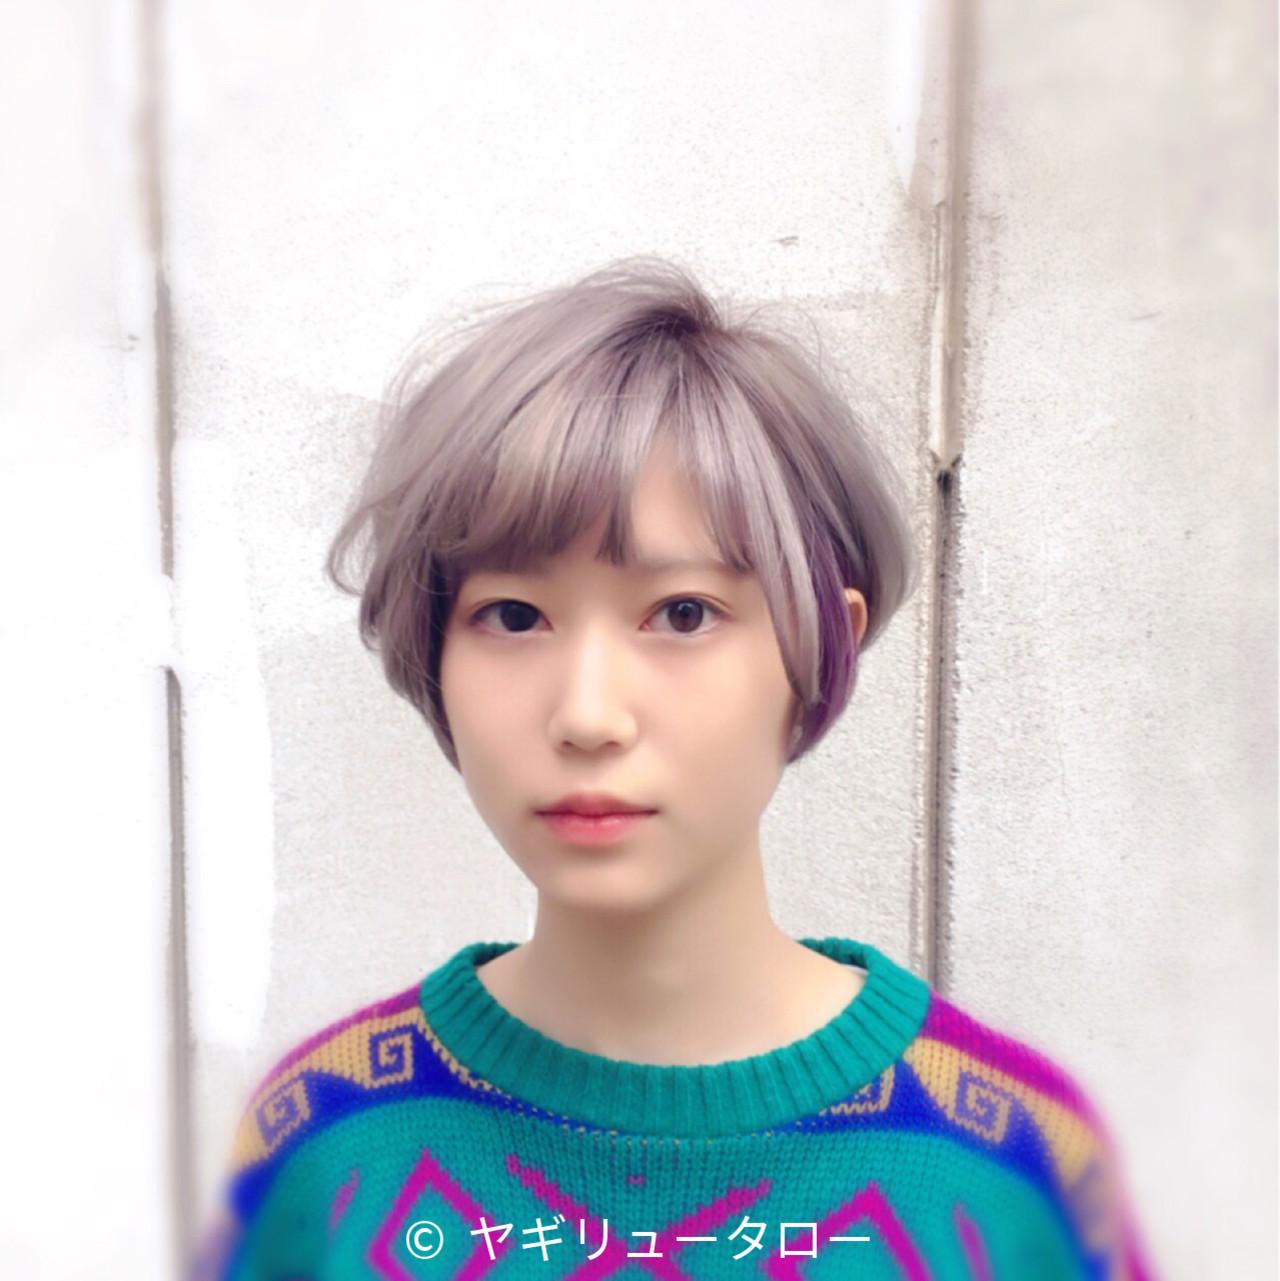 オシャレガールのマストハブアイテム♡カラーバターで手軽にカラーリング ヤギリュータロー  hair c'est la vie ヘアーセラヴィー